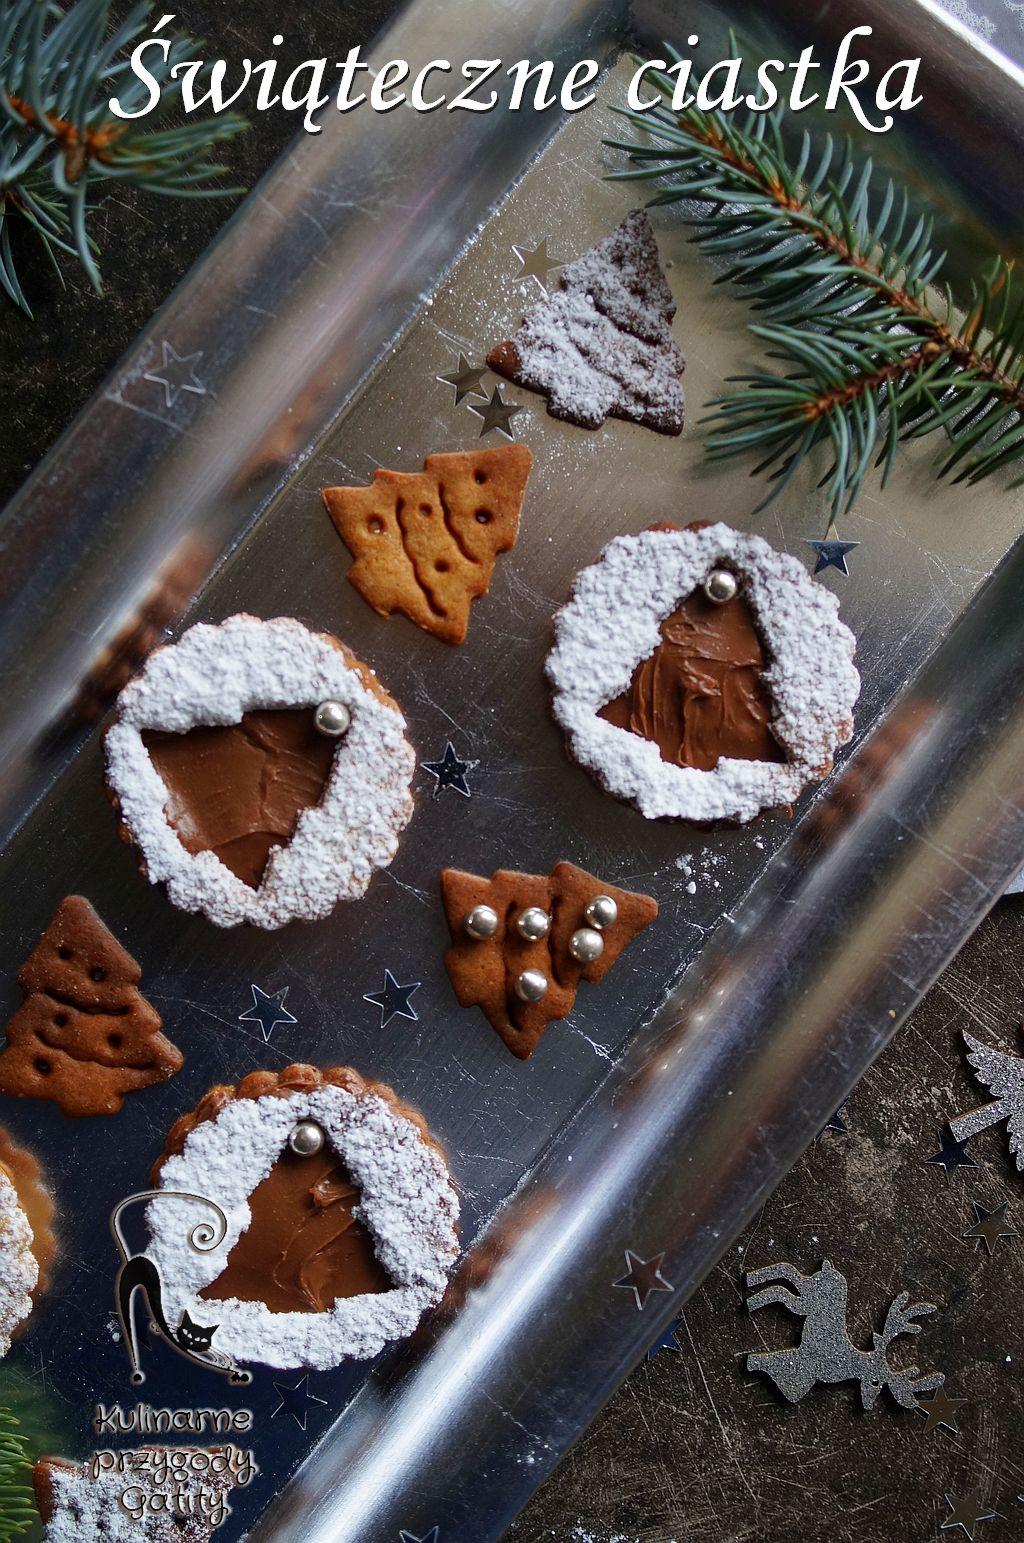 ciasteczka-na srebrnej-tacy-z-ozdobami-swiatecznymi